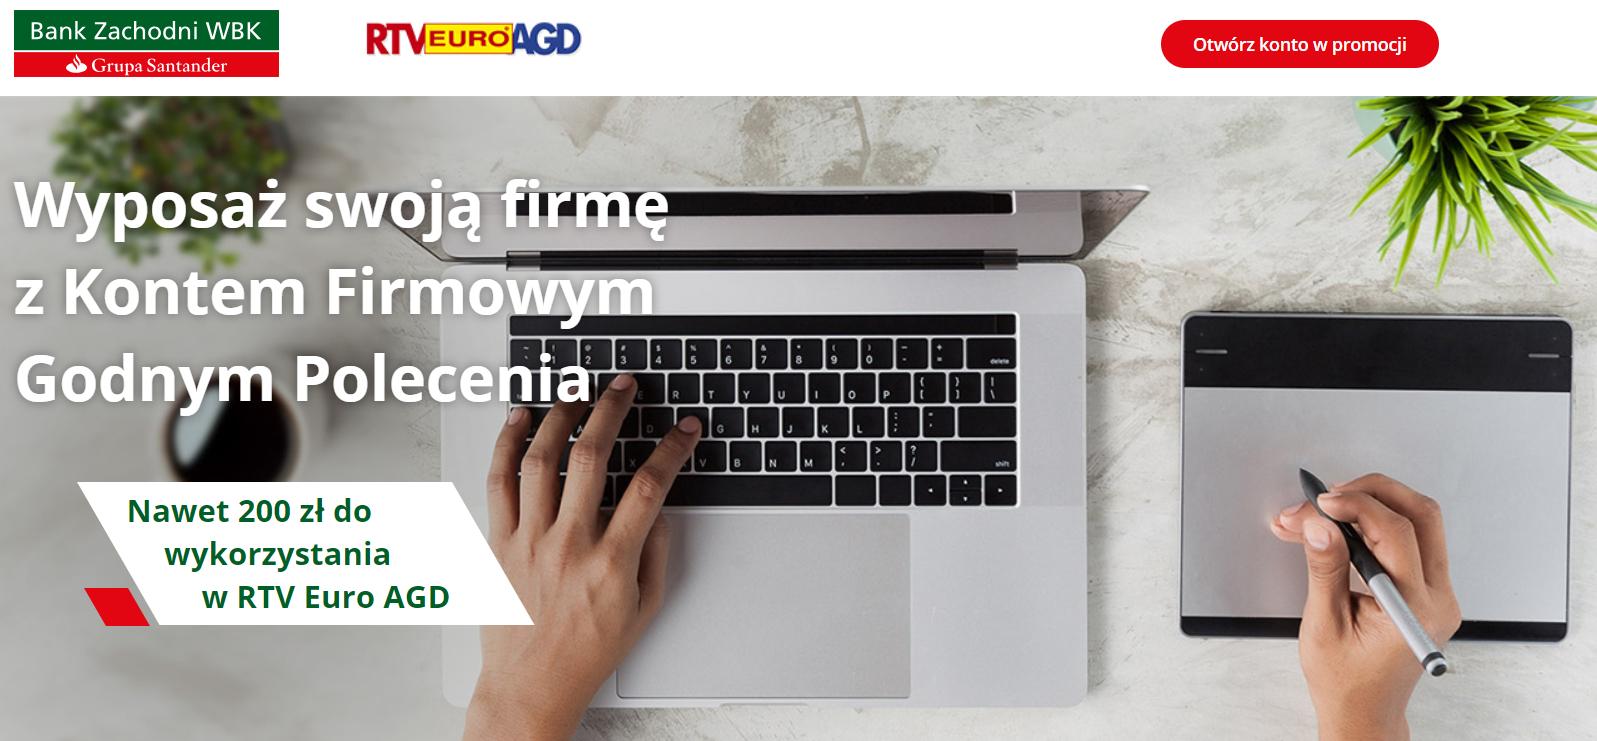 200zł do wydania w RTV Euro AGD za założenie konta firmowego @ BZWBK